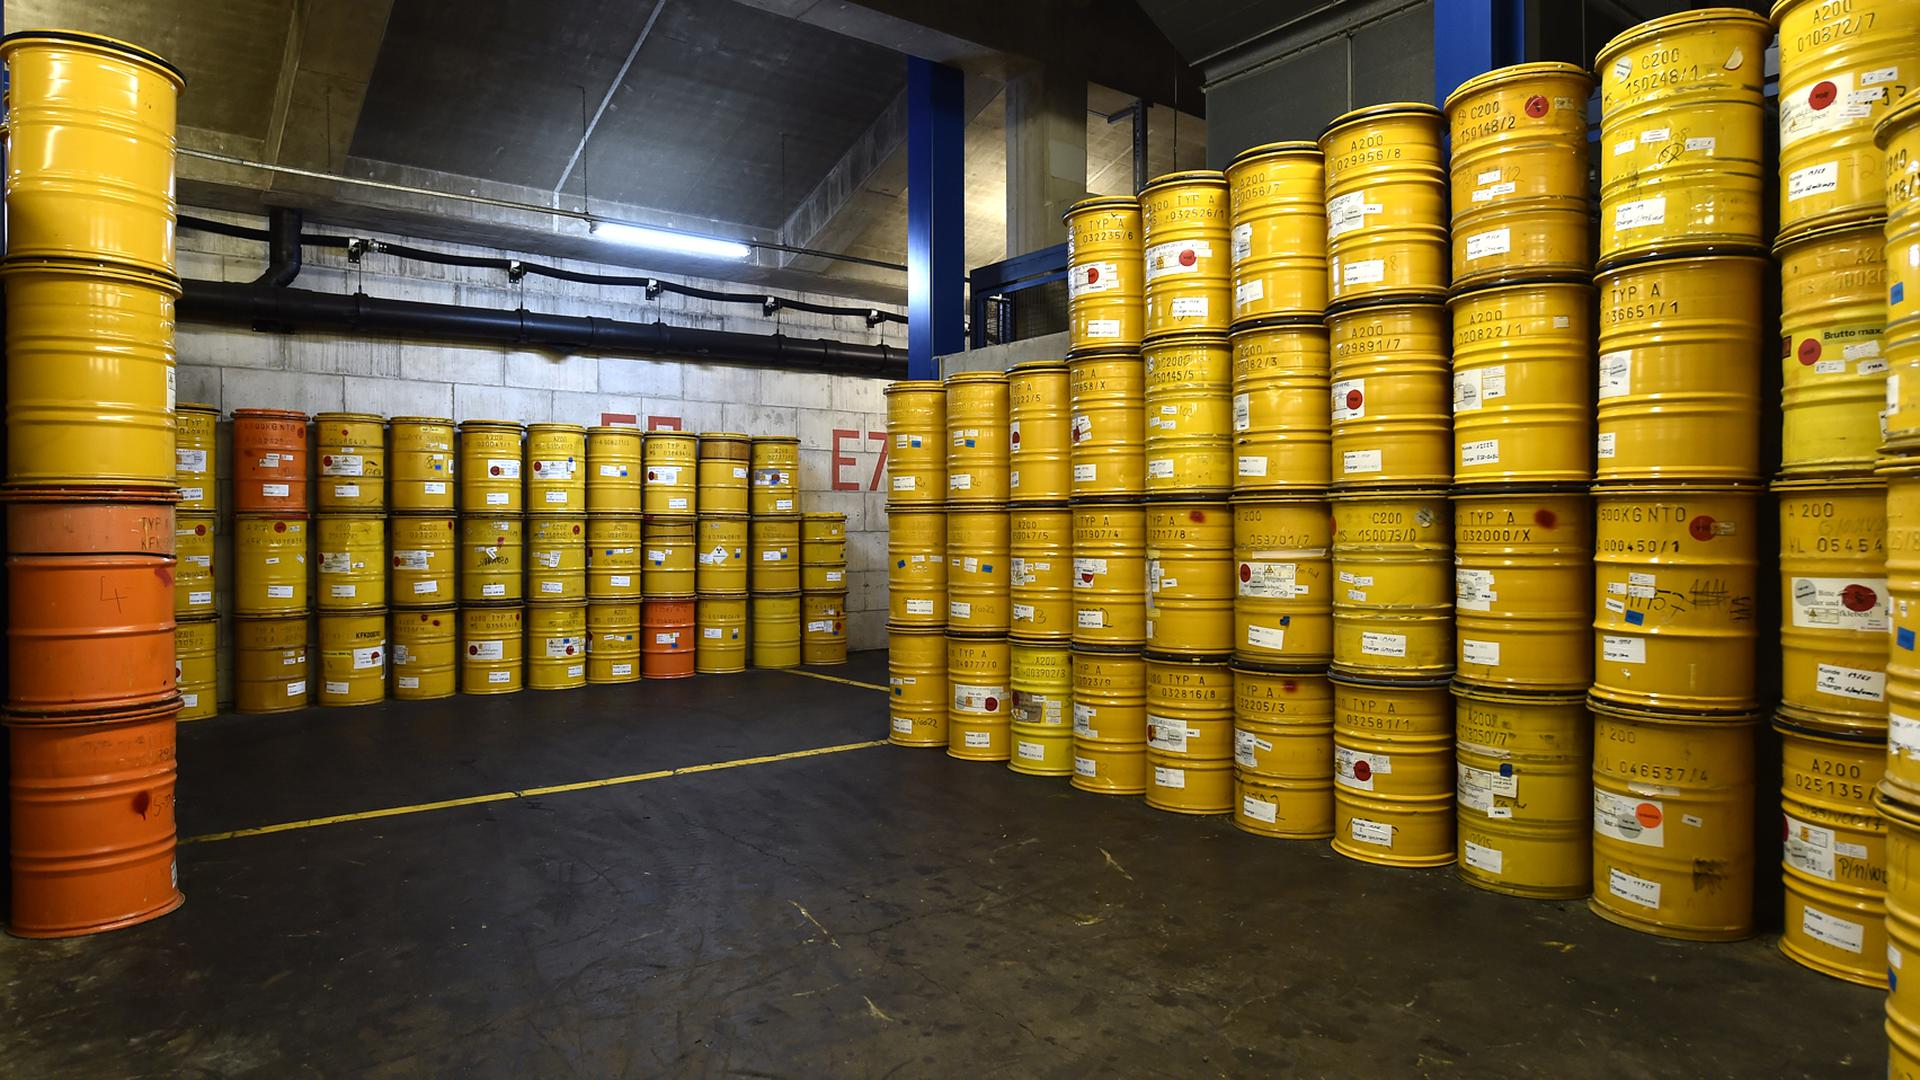 In solche 200-Liter-Fässer wird auf dem Gelände der Kerntechnischen Entsorgung Karlsruhe (KTE) der radioaktive Müll verfüllt.